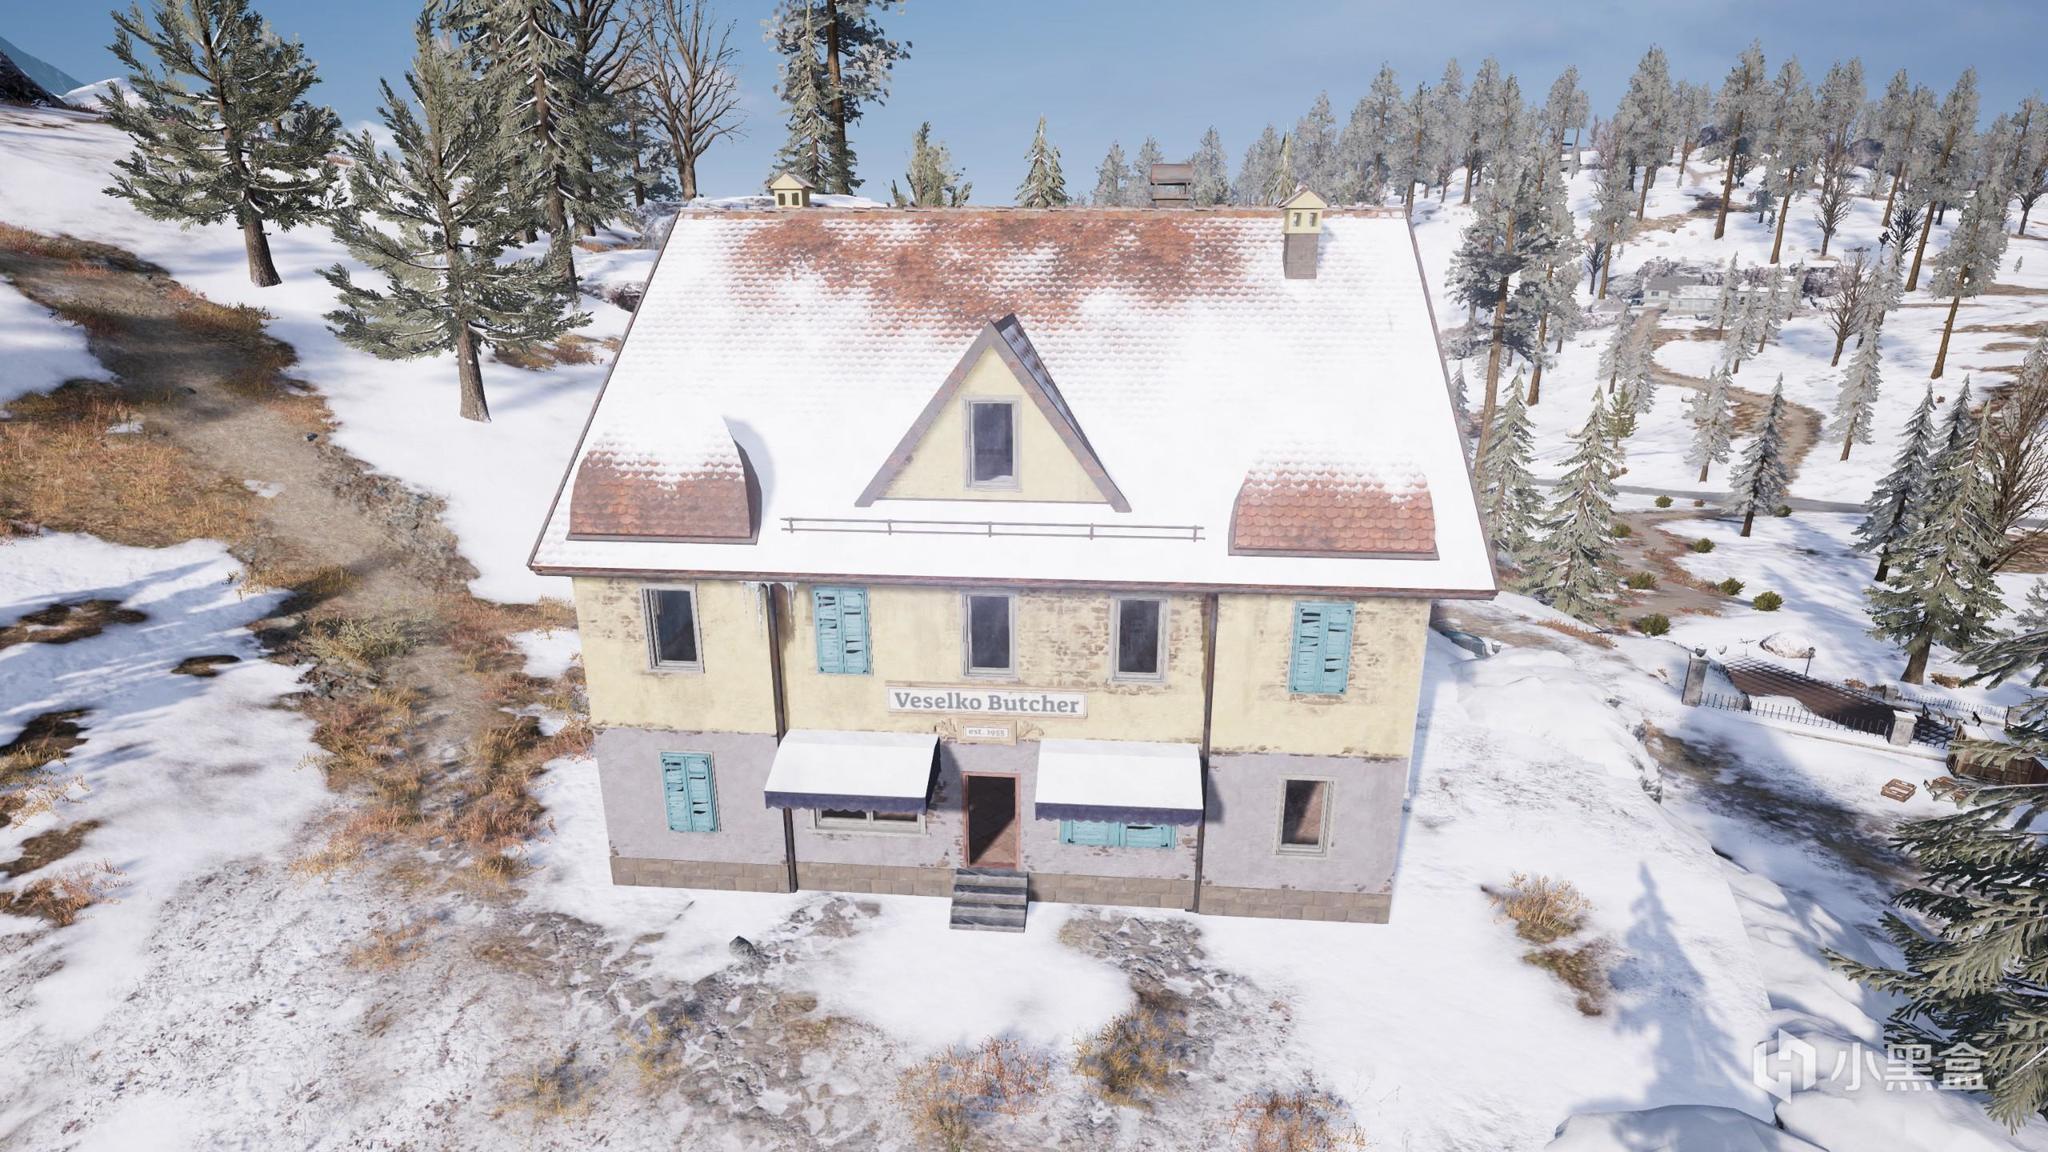 绝地求生上房揭瓦维寒迪中那些危险的屋顶